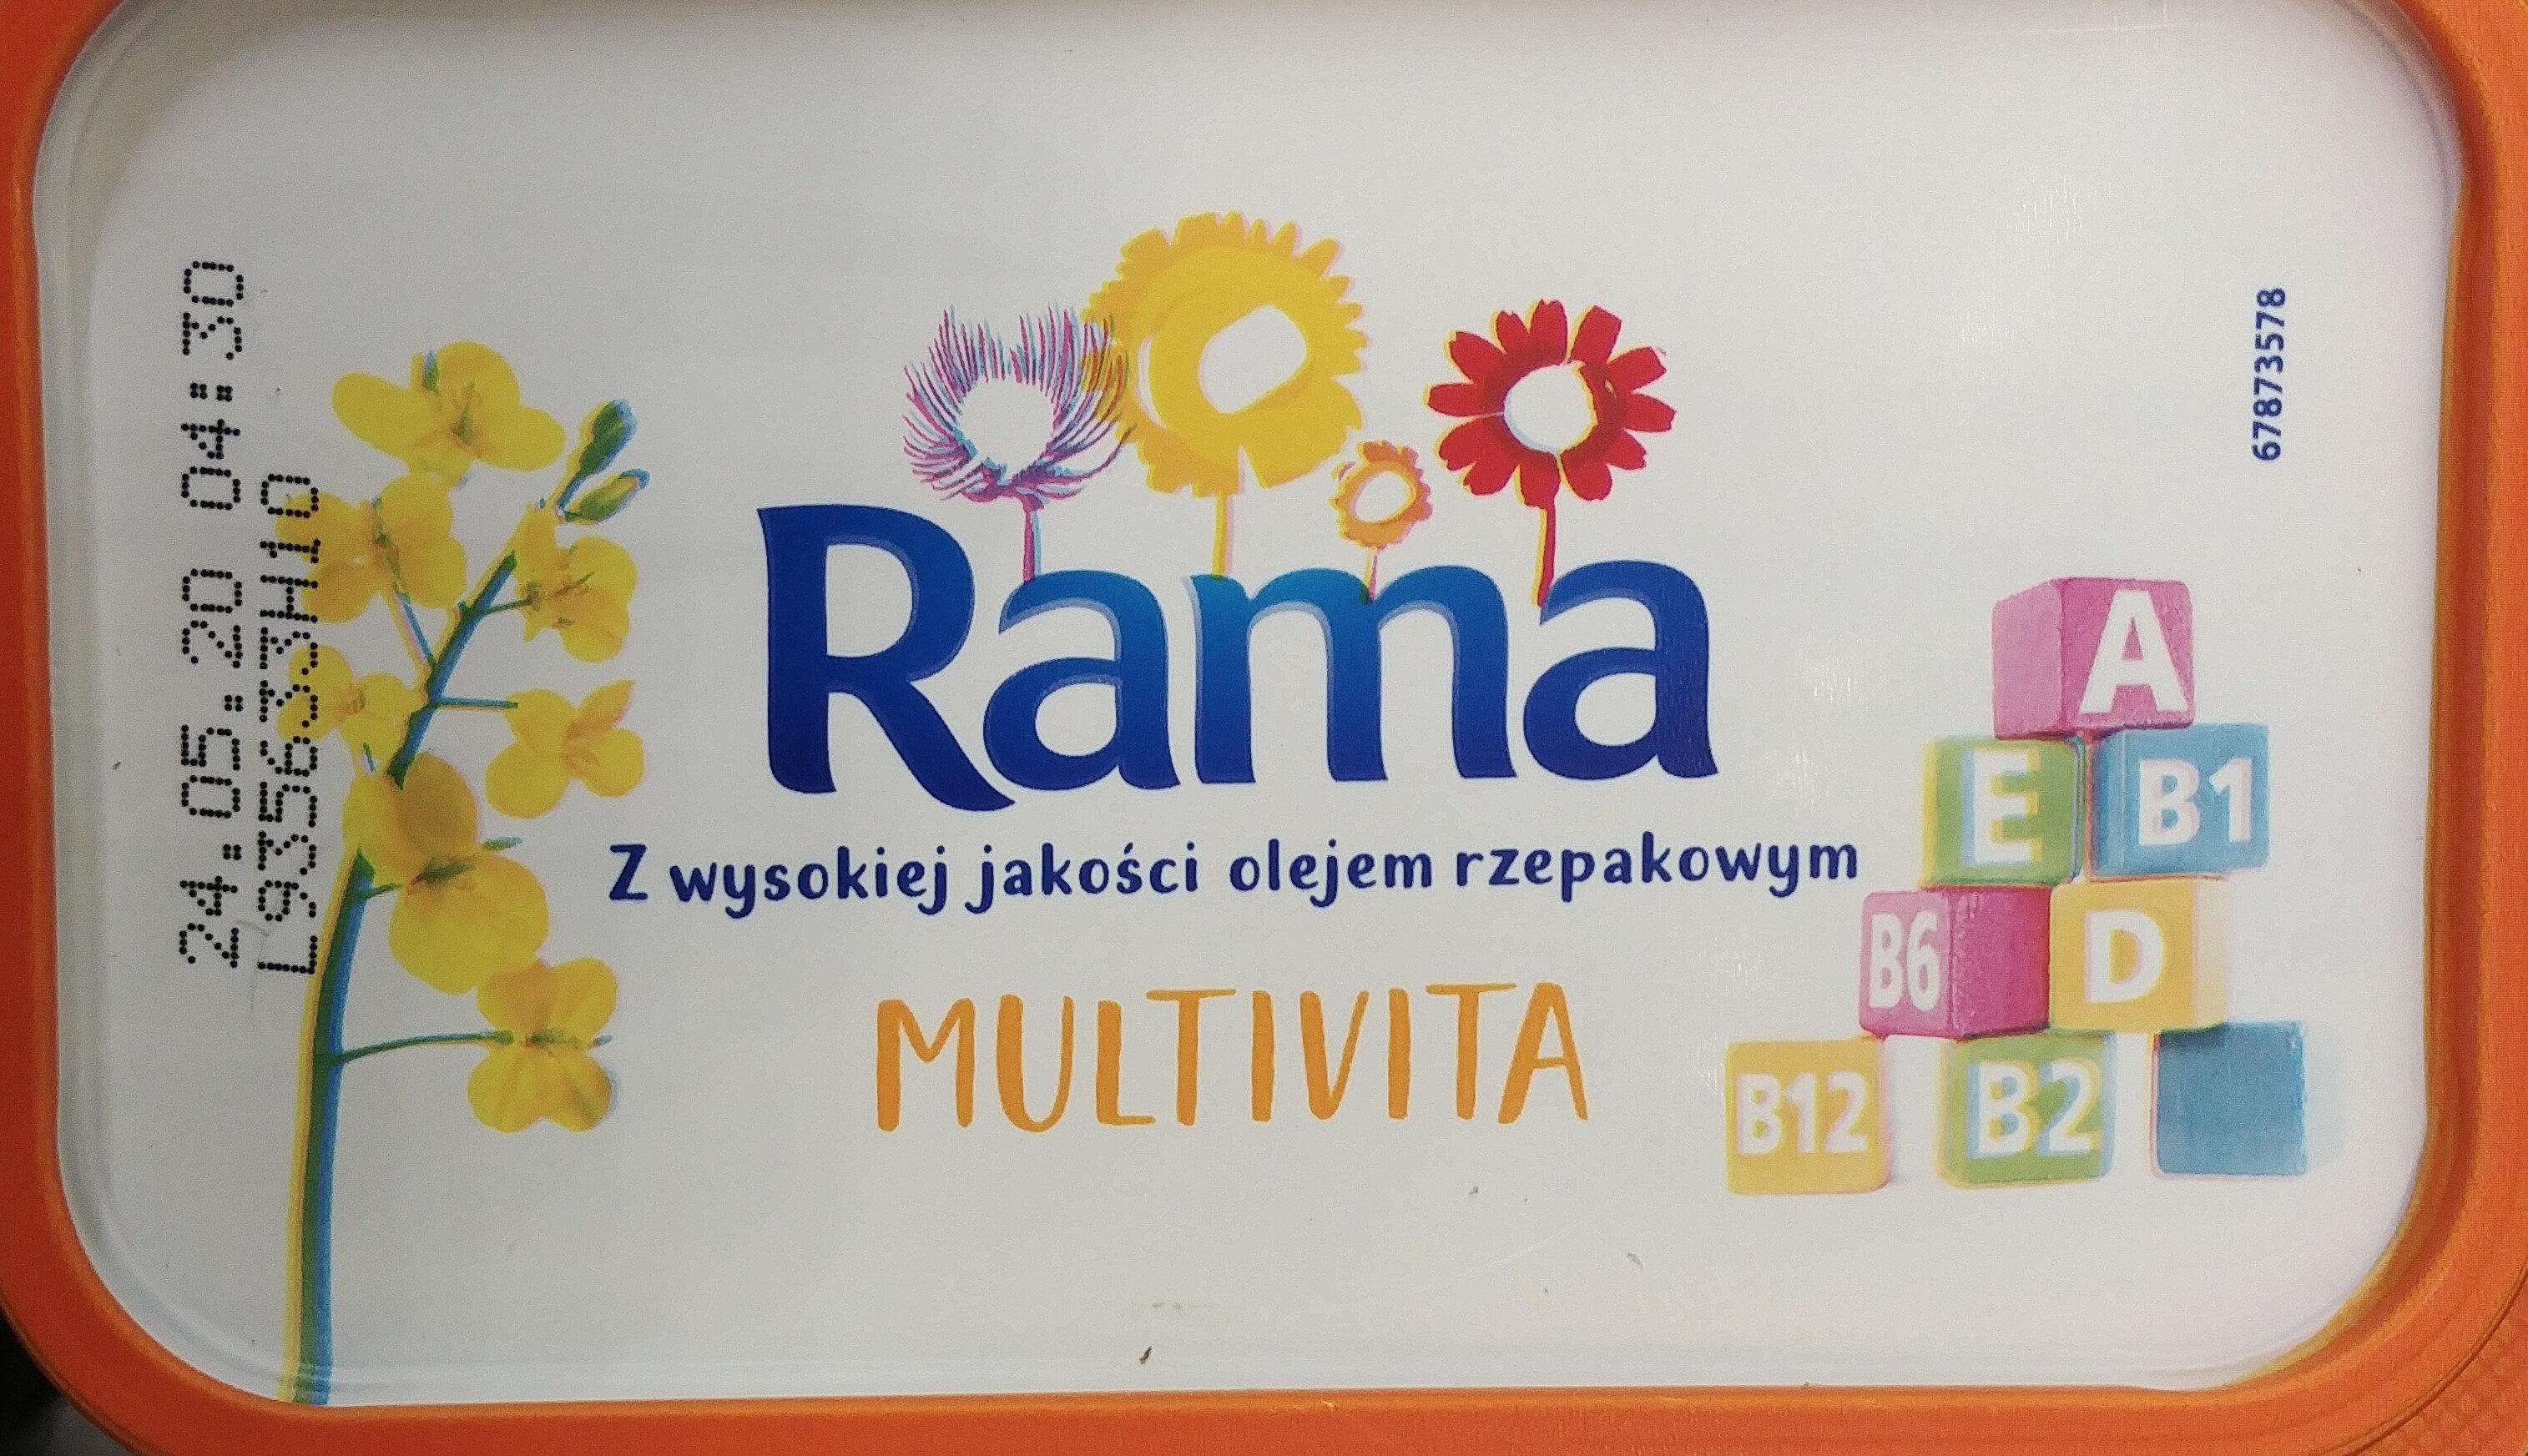 Multivita - Produkt - pl